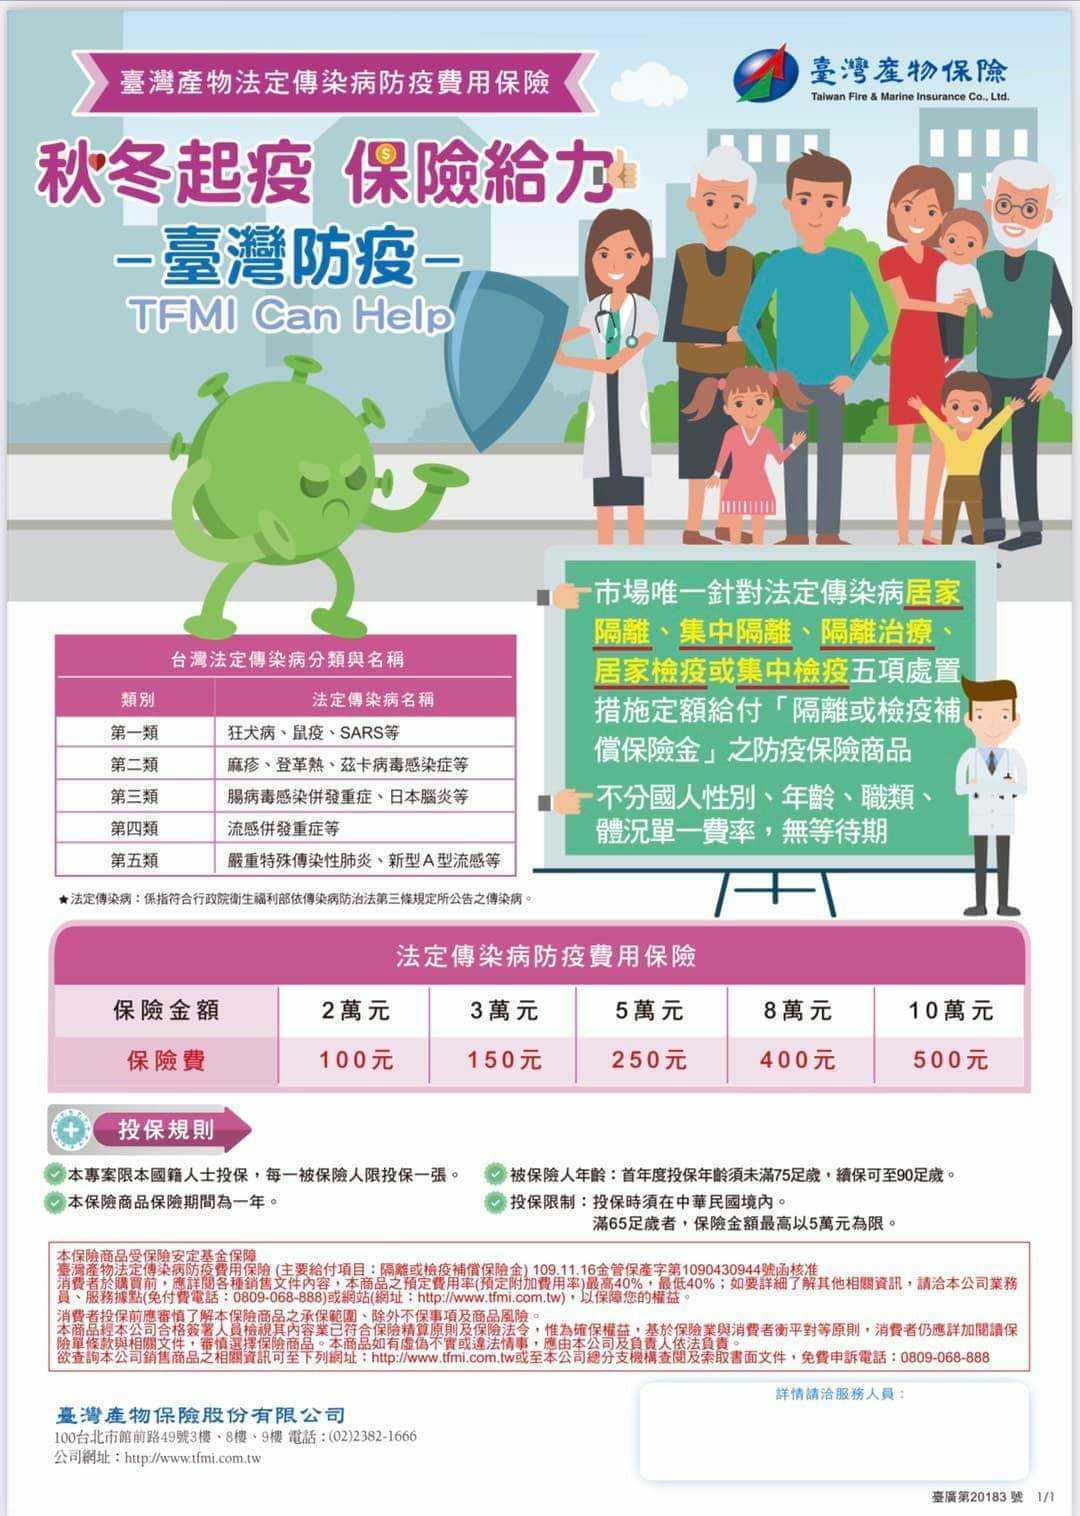 台湾产物险-防疫险.jpeg